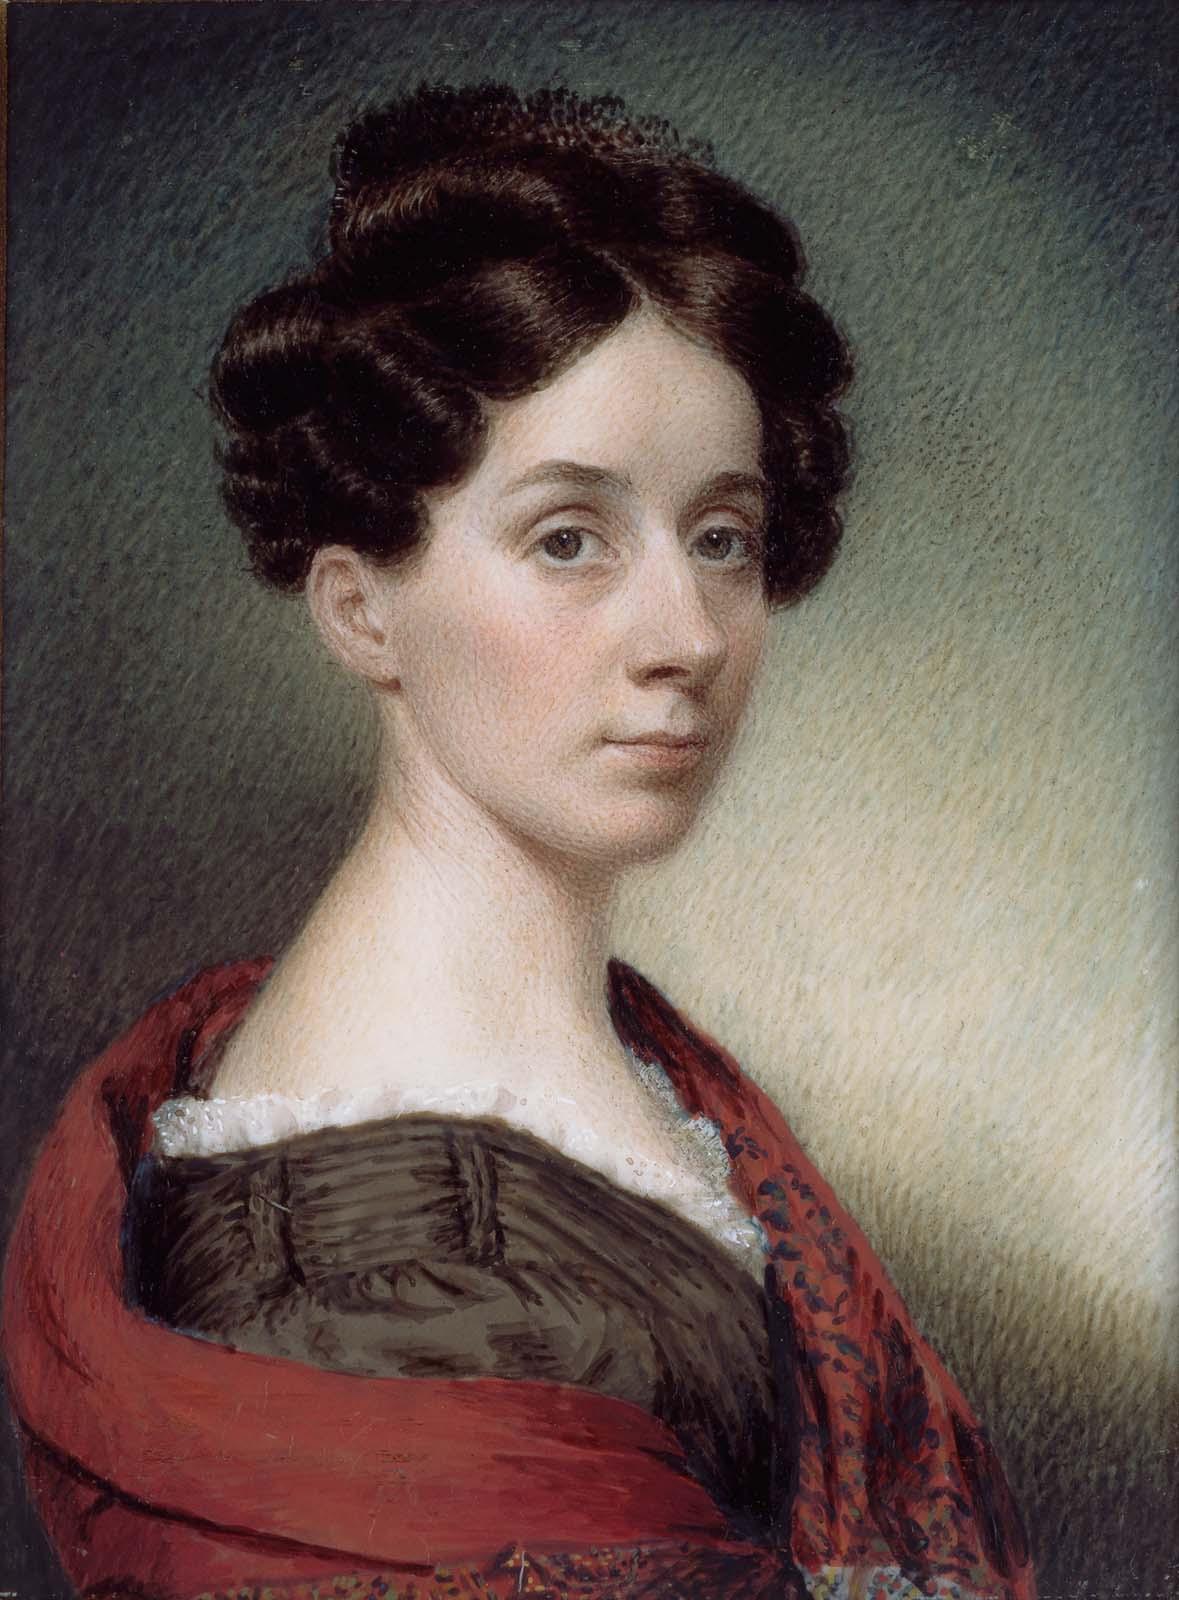 Η Sarah Goodridge ήταν αμερικανίδα μινιατούρα